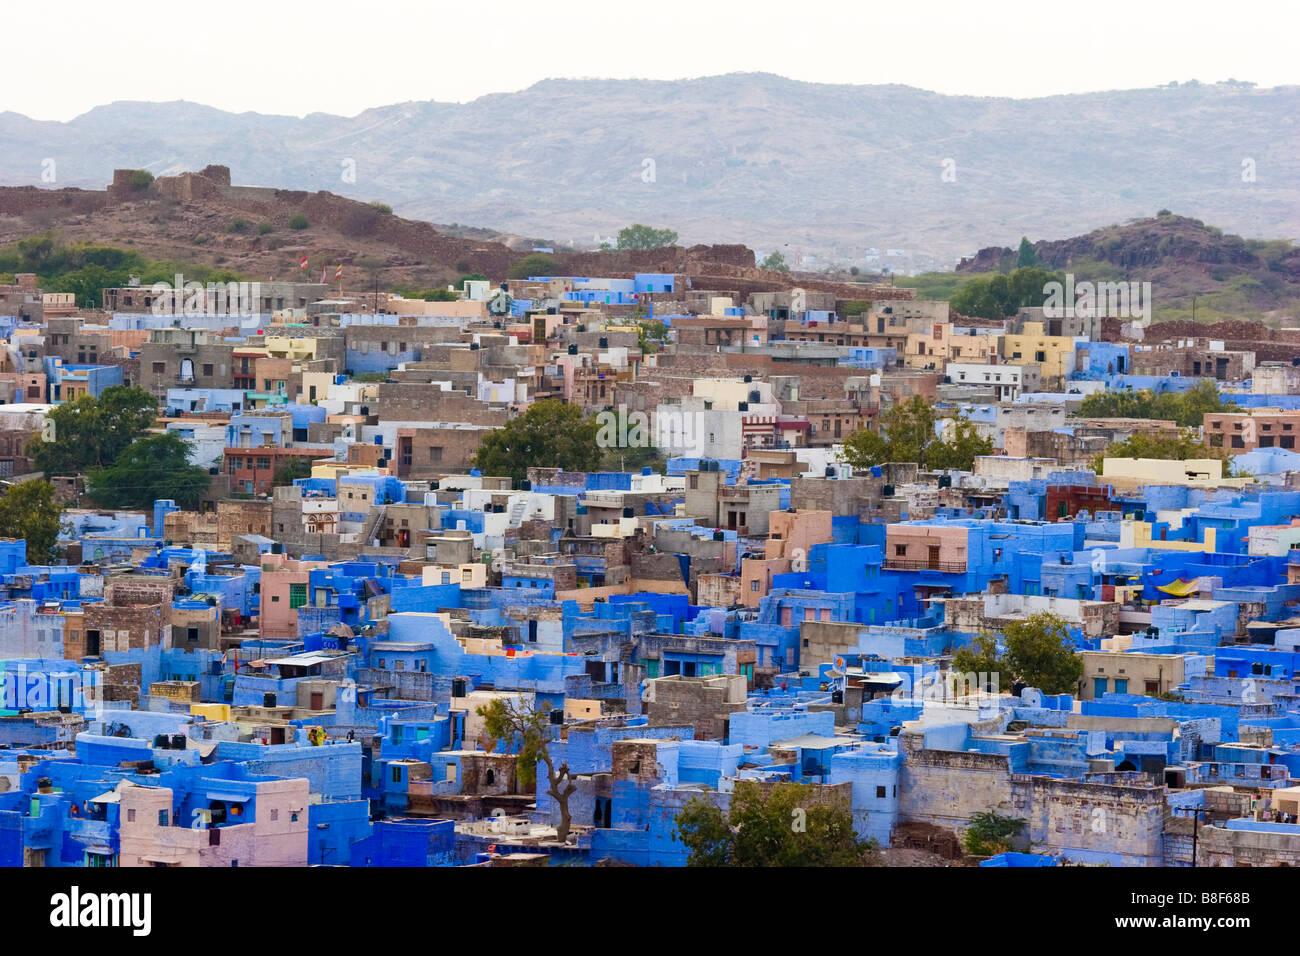 Vista città Jodhpur Rajasthan in India Immagini Stock